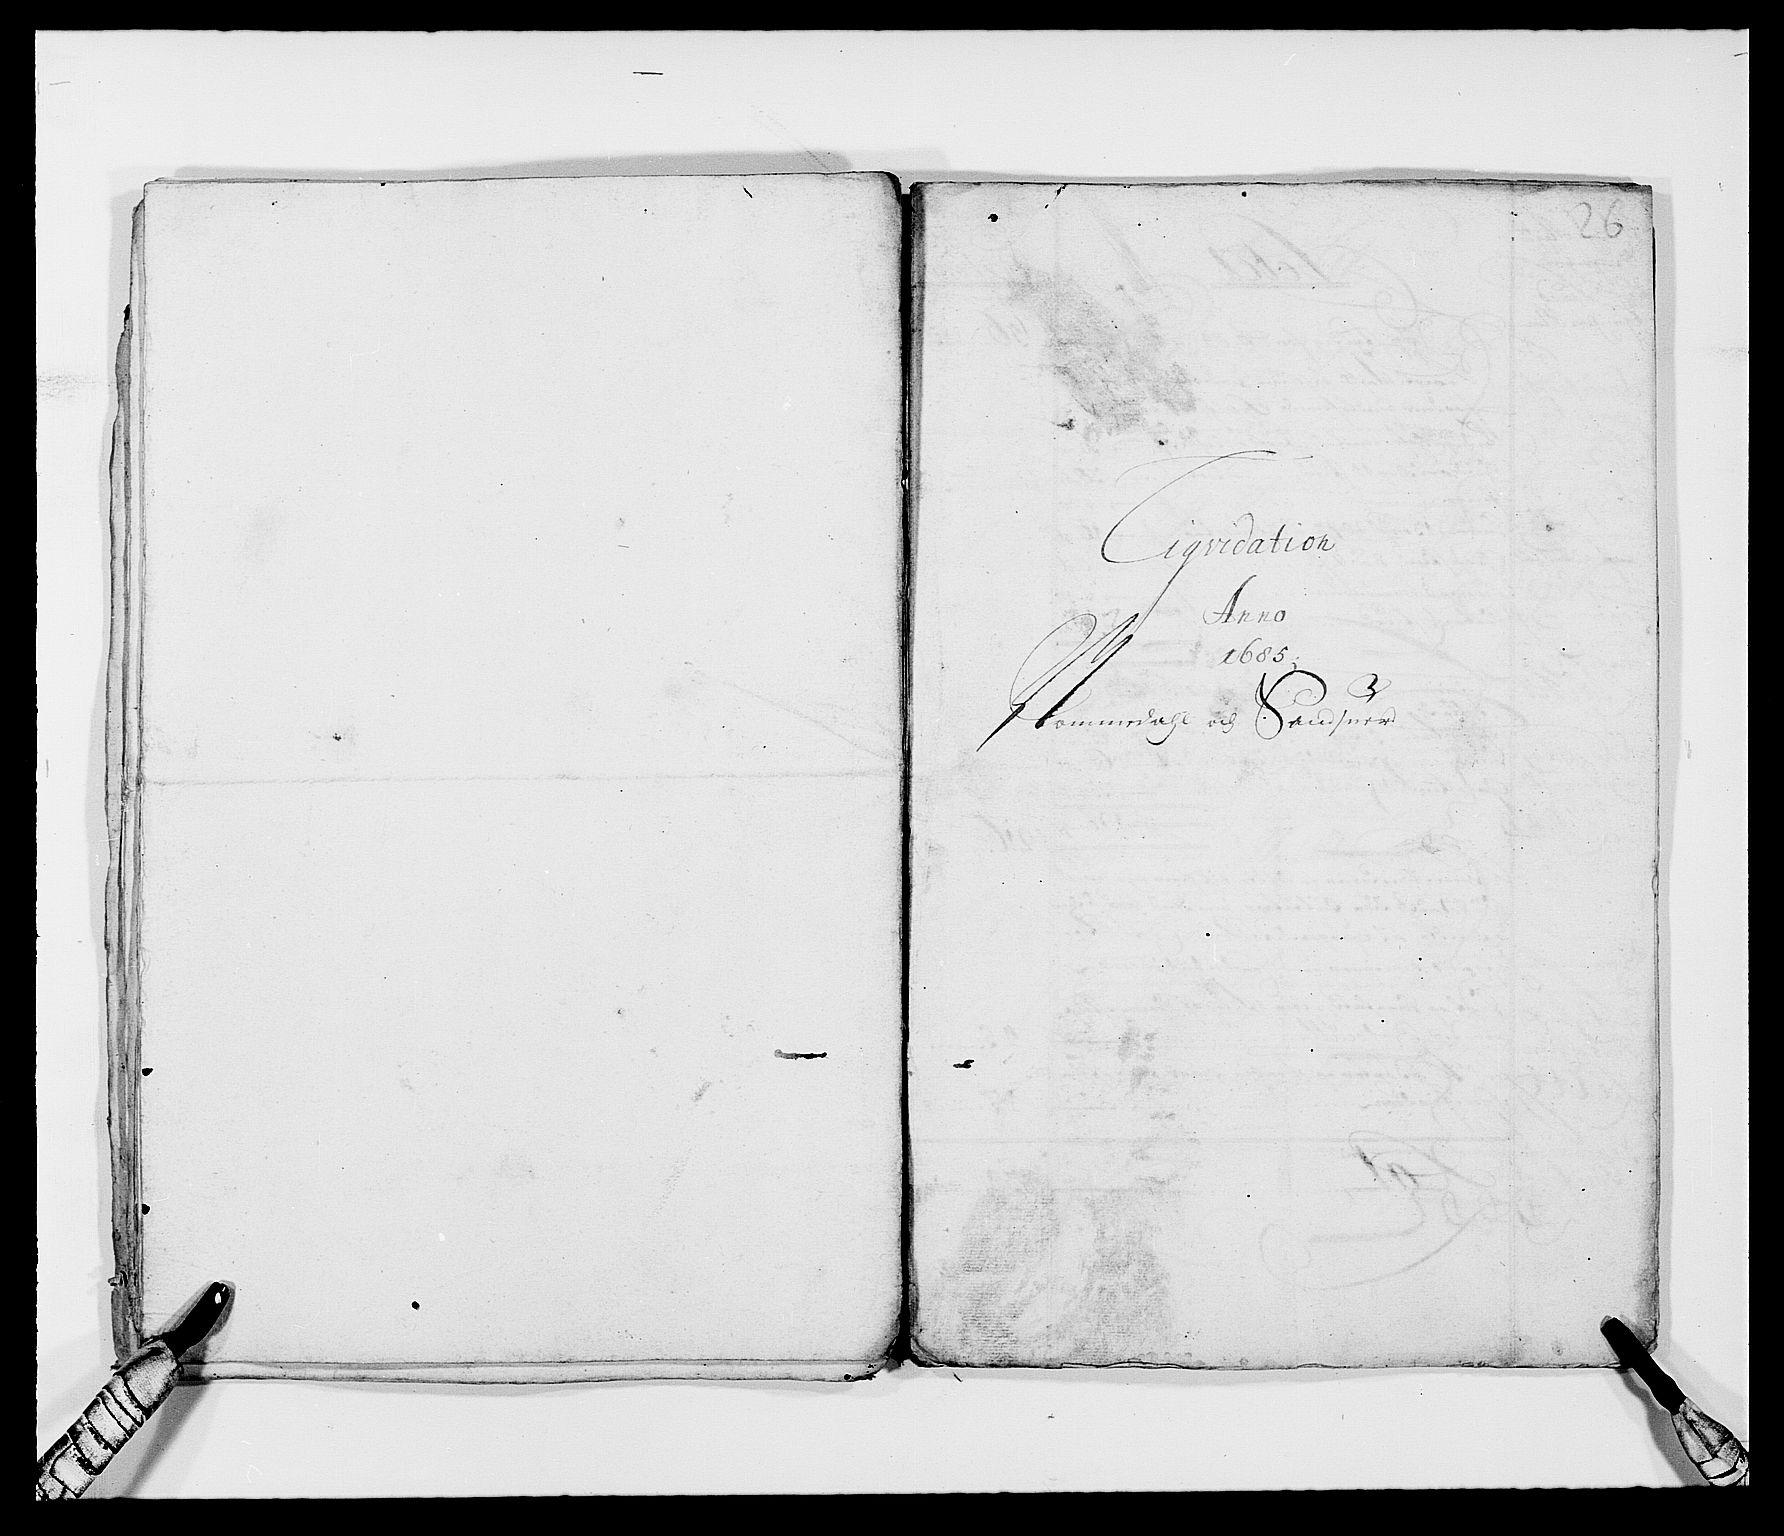 RA, Rentekammeret inntil 1814, Reviderte regnskaper, Fogderegnskap, R24/L1569: Fogderegnskap Numedal og Sandsvær, 1679-1686, s. 71